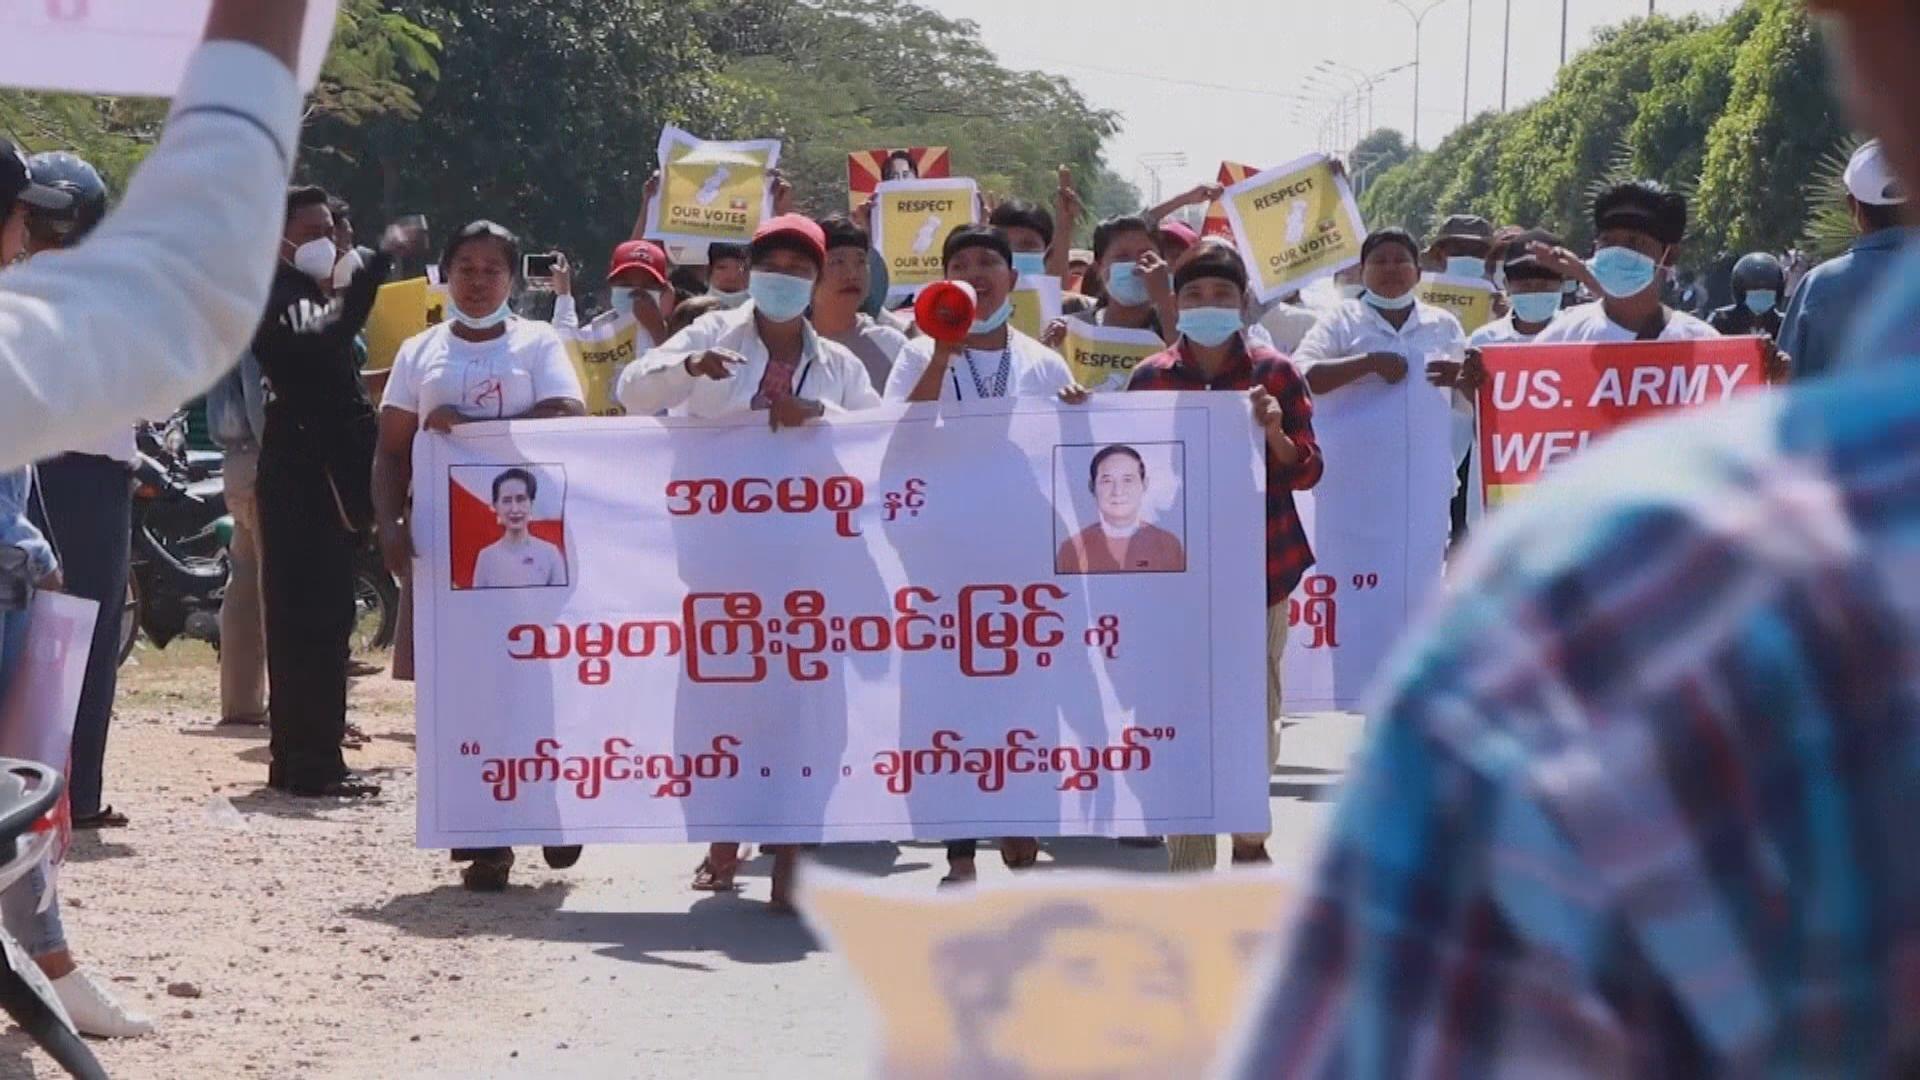 美國促請中國譴責緬甸政變 冀中國扮演建設角色